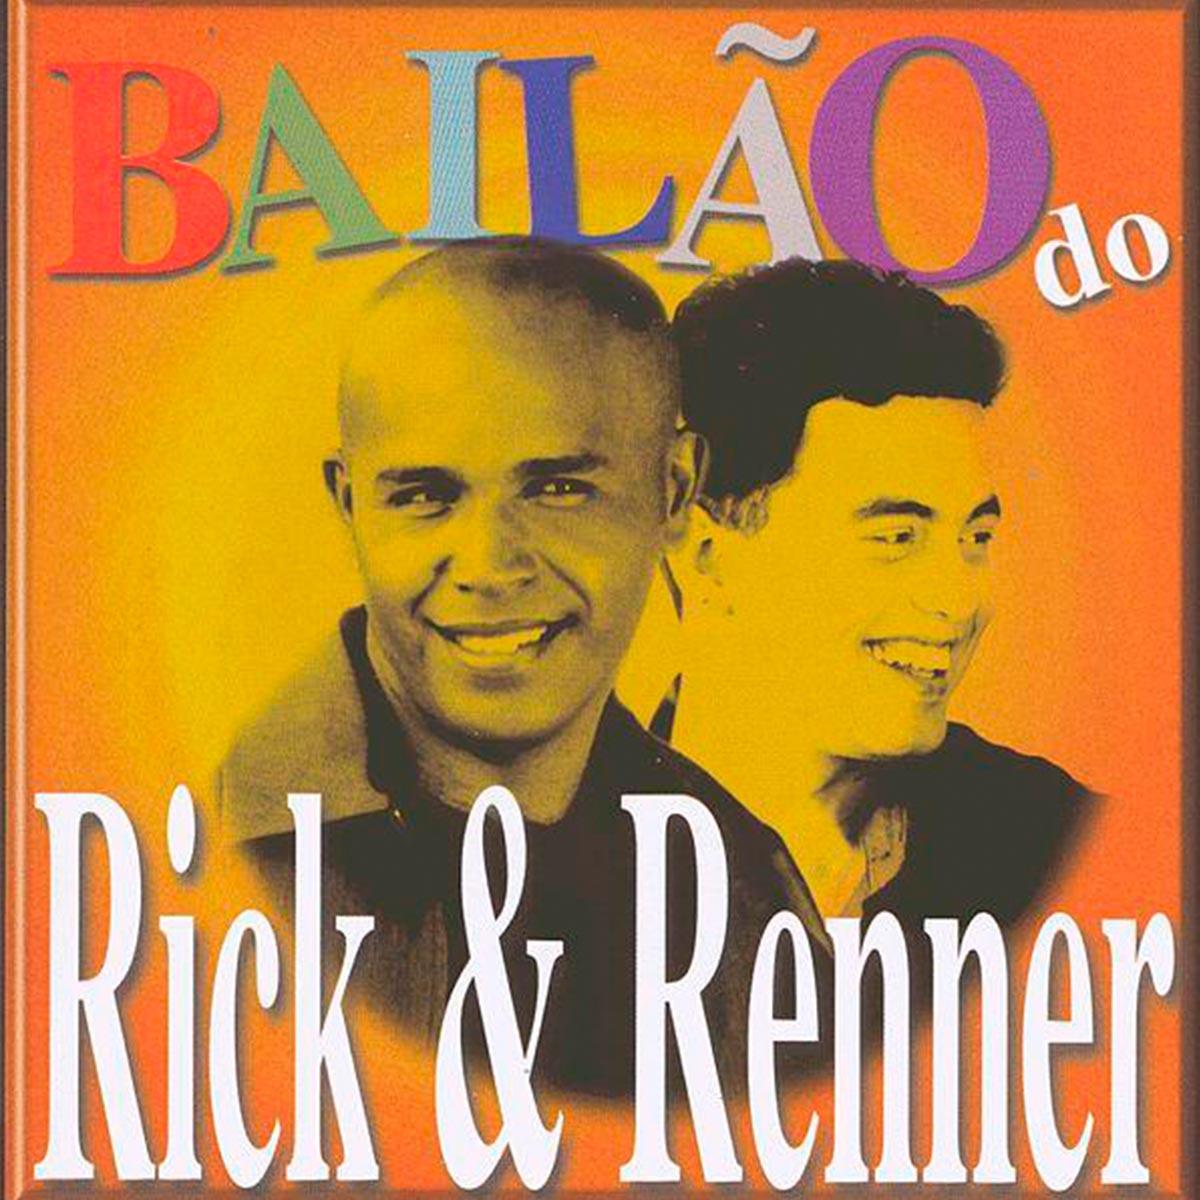 CD Bailão do Rick & Renner